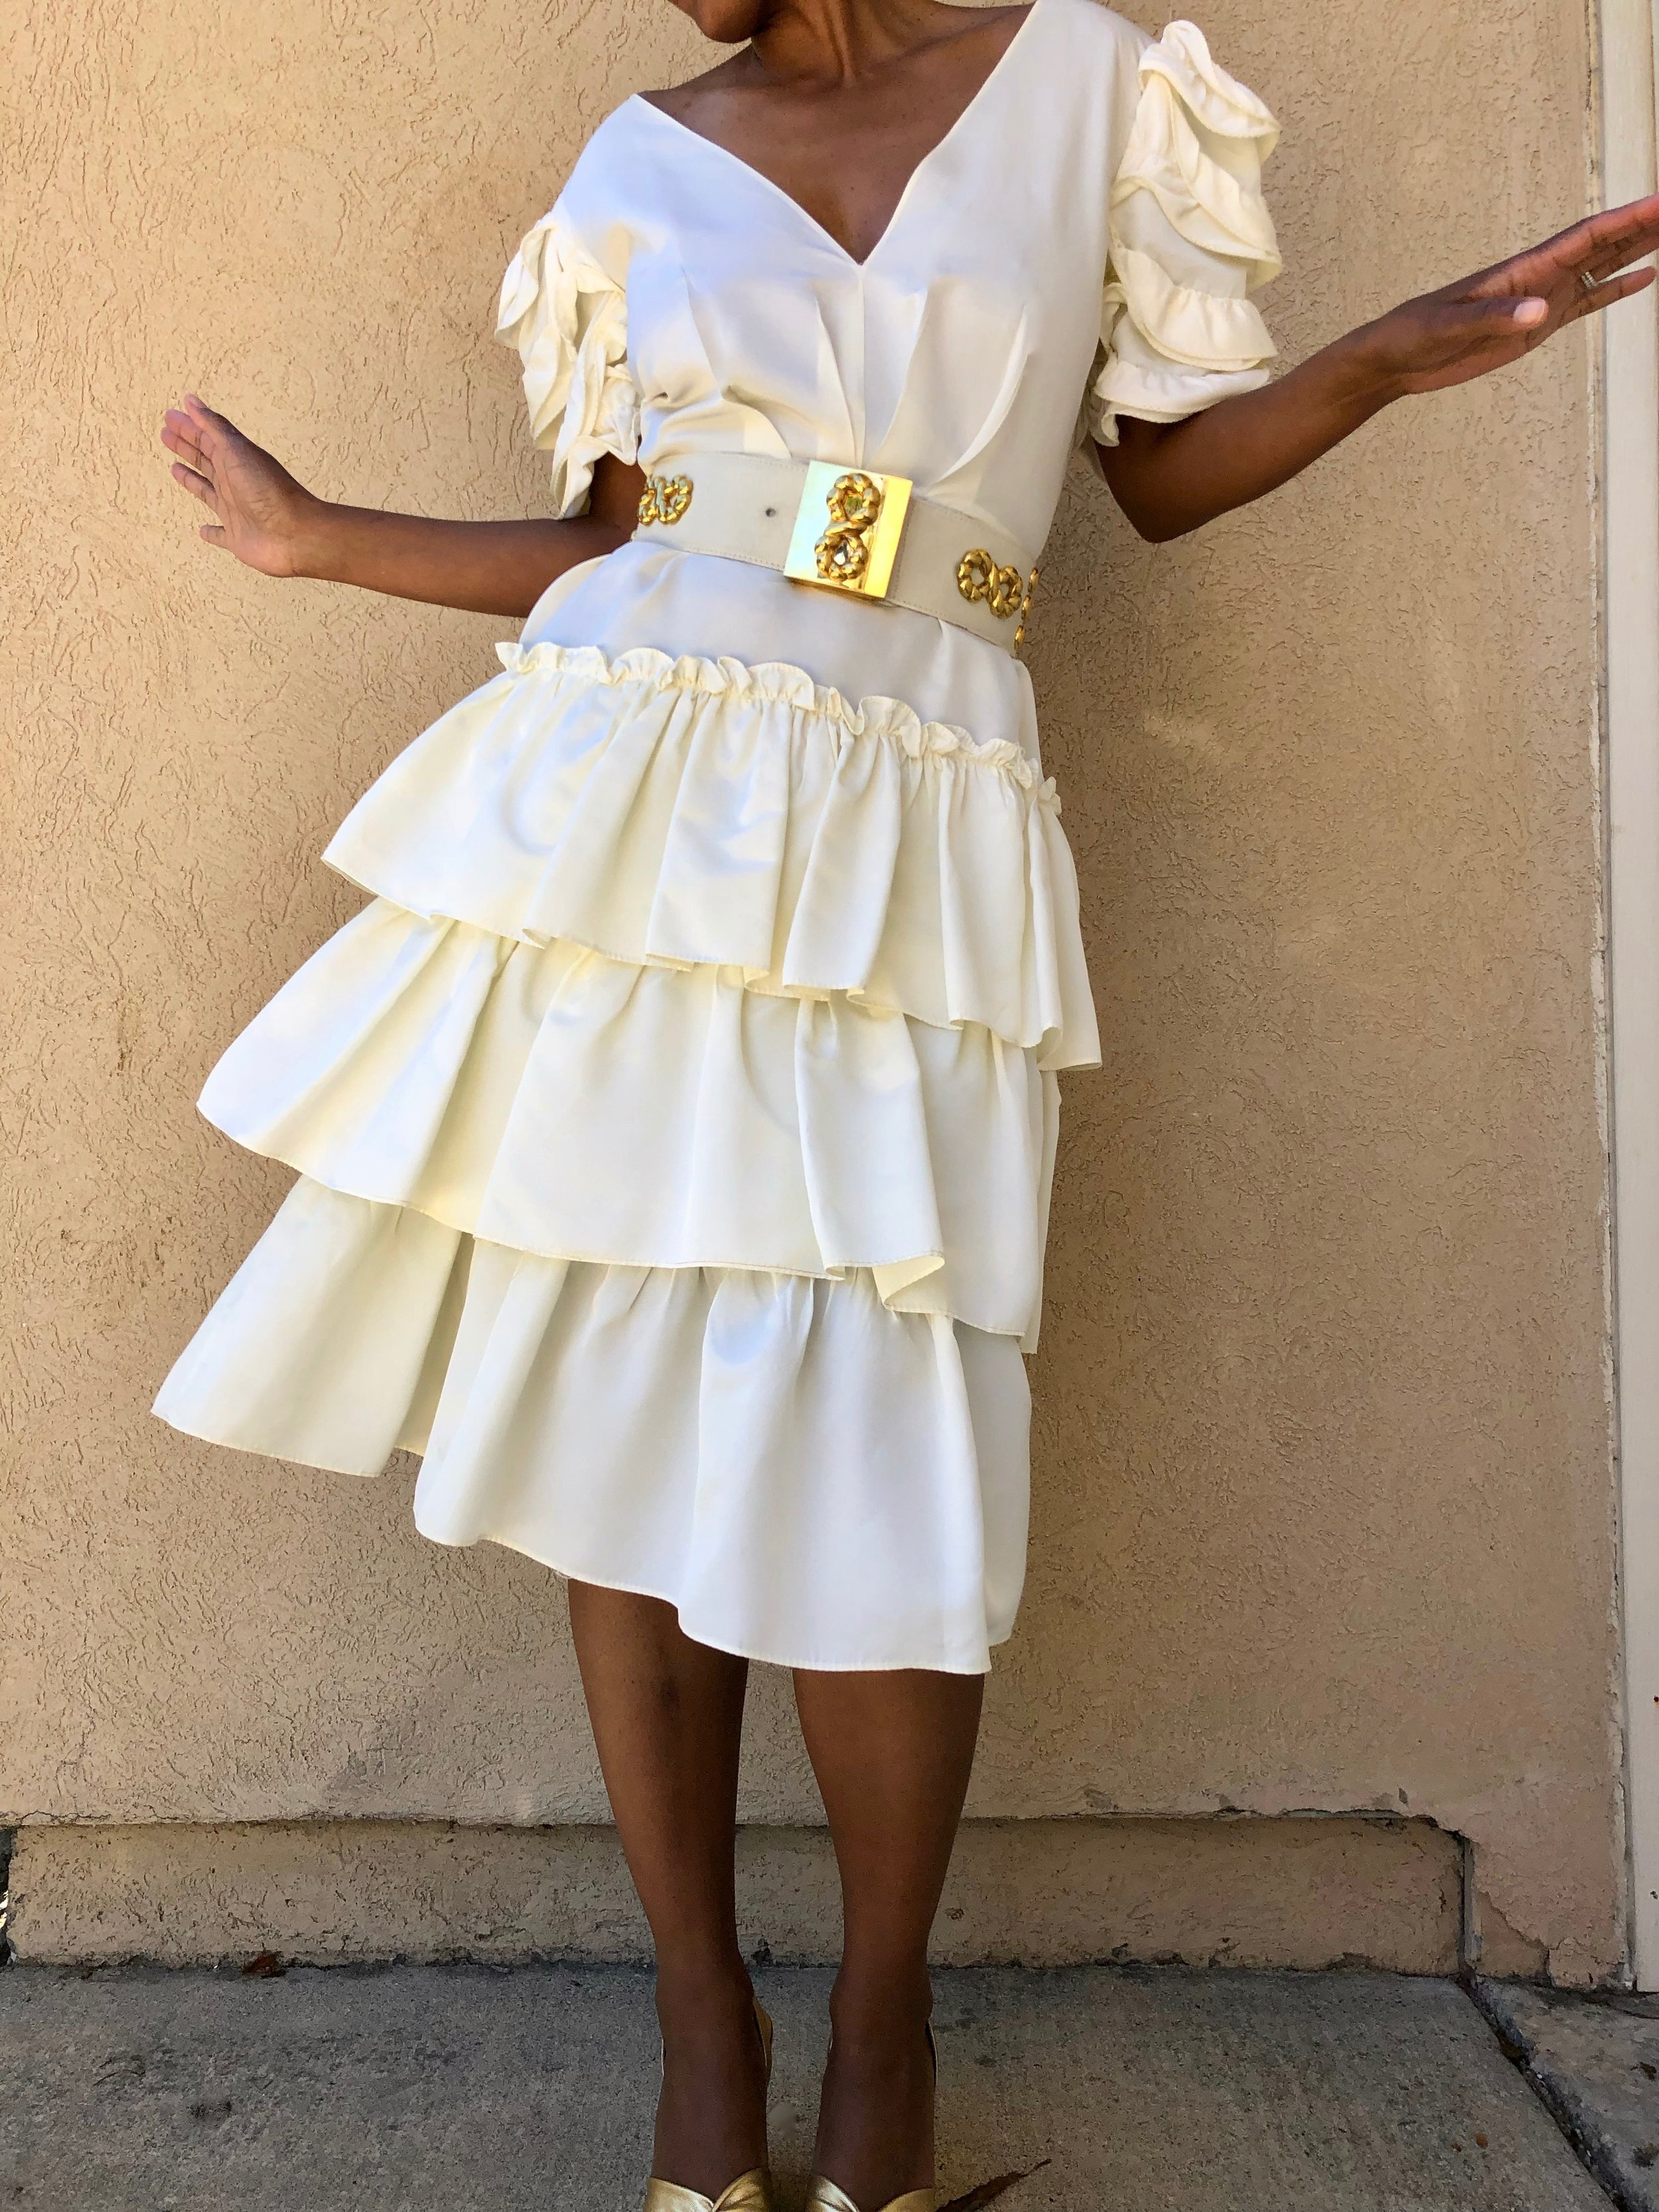 Ivory Ruffled I. Magnin Taffeta Dress